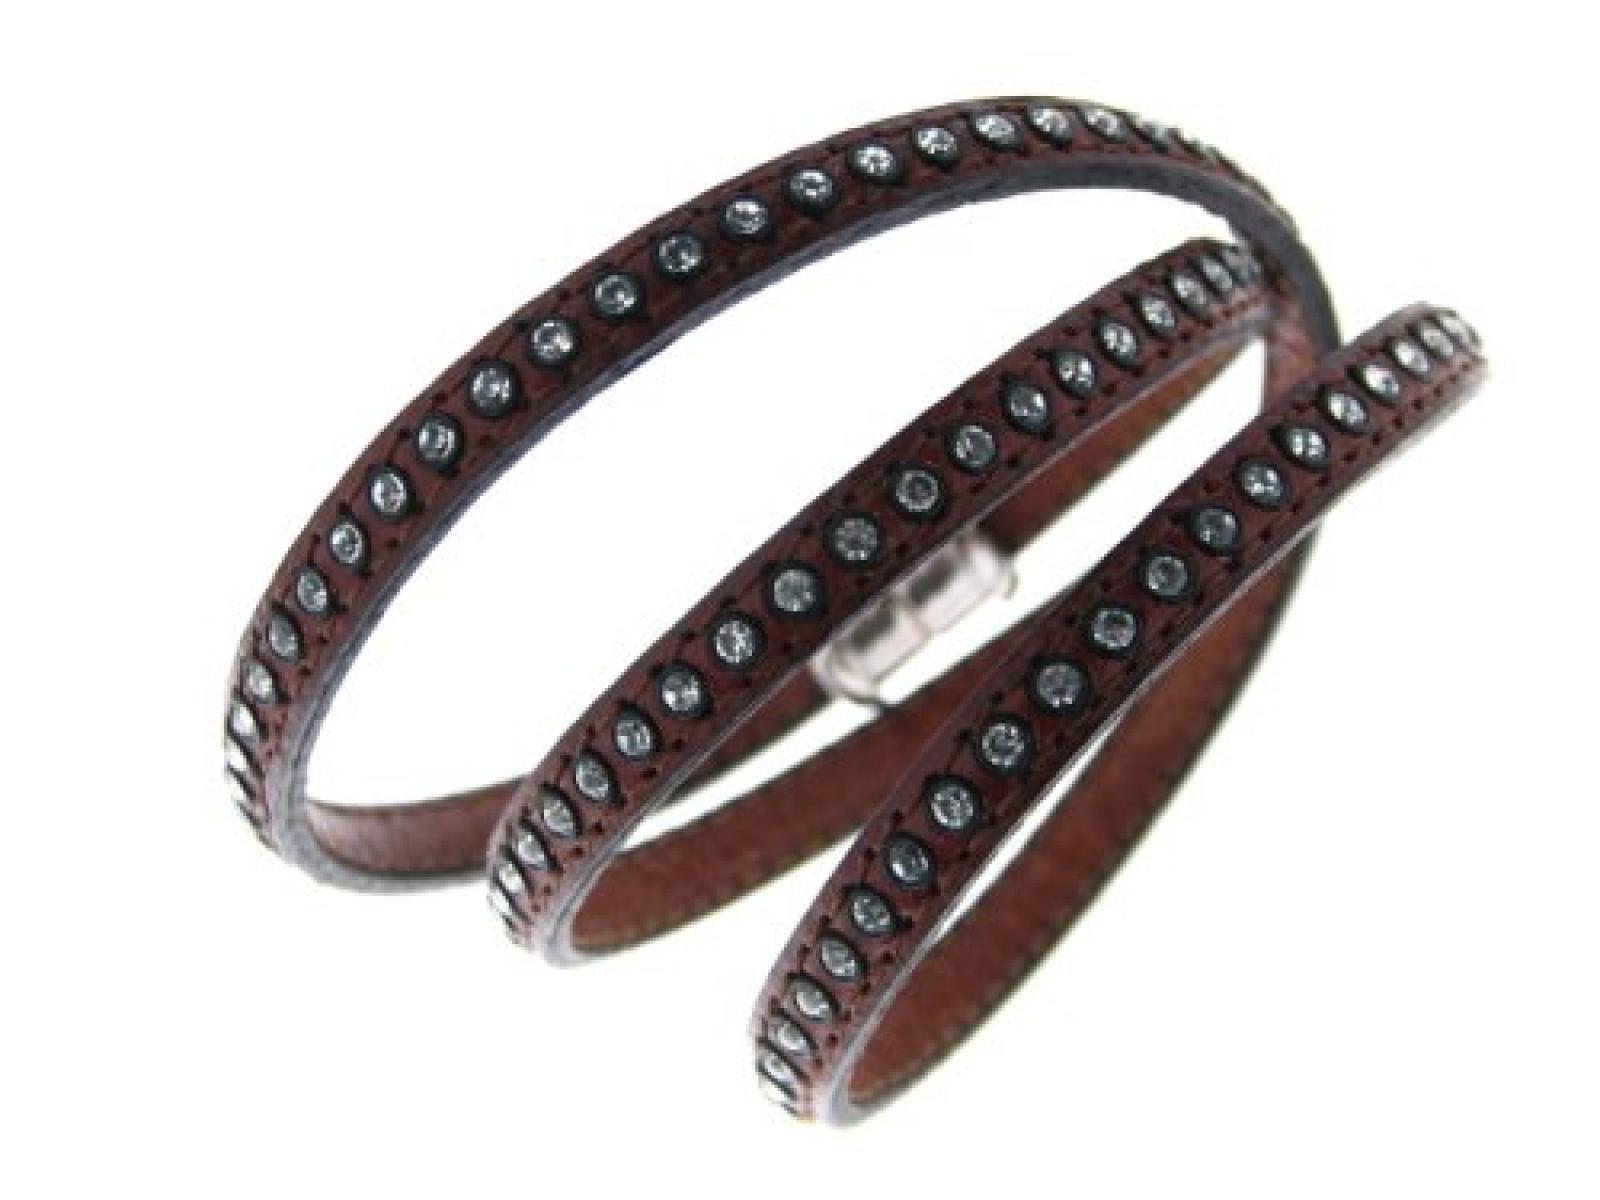 Kettenworld Unisex-Armband 925 Sterling Silber braun mit Strasssteinen 326463